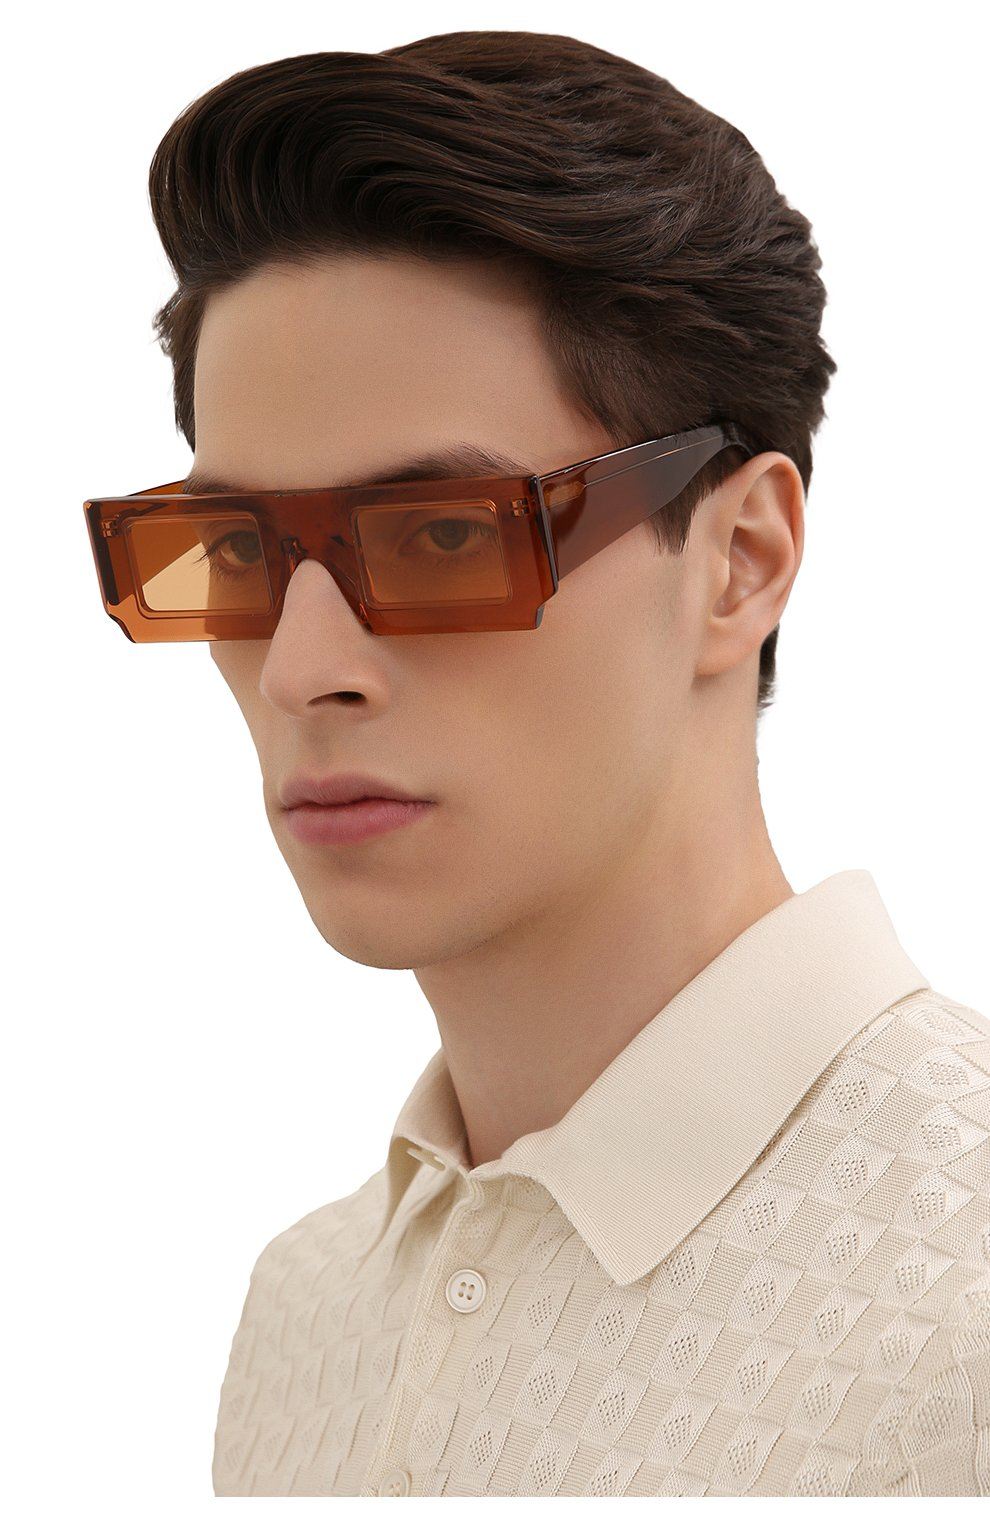 Женские солнцезащитные очки JACQUEMUS коричневого цвета, арт. LES LUNETTES S0LEIL SHADE 0F 0RANGE | Фото 3